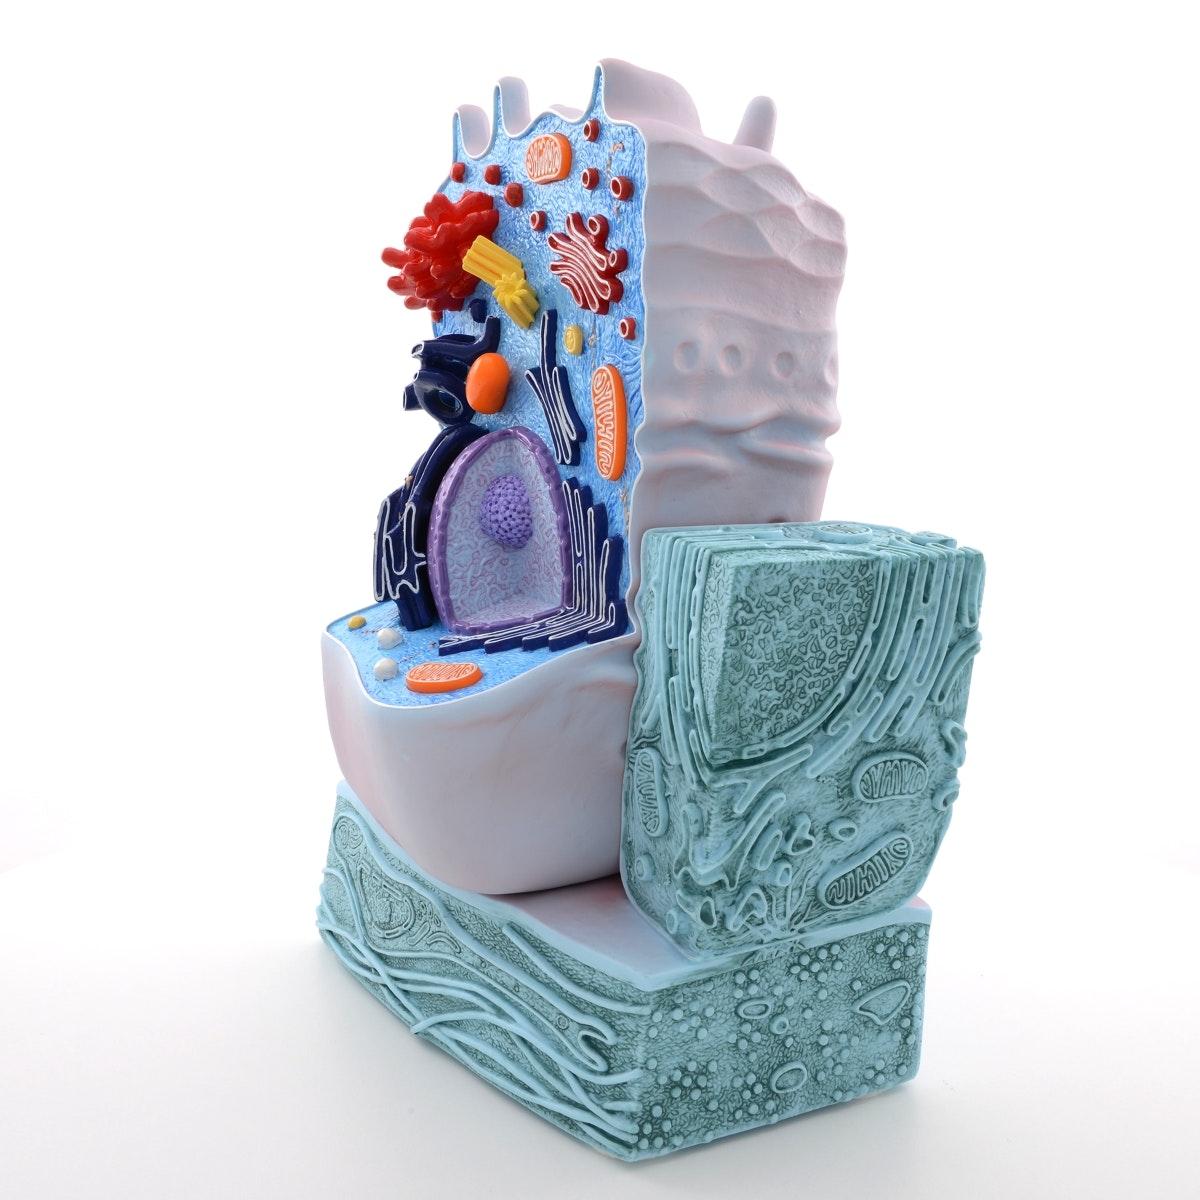 Meget detaljeret model af en celle i et elektronmikroskopisk perspektiv